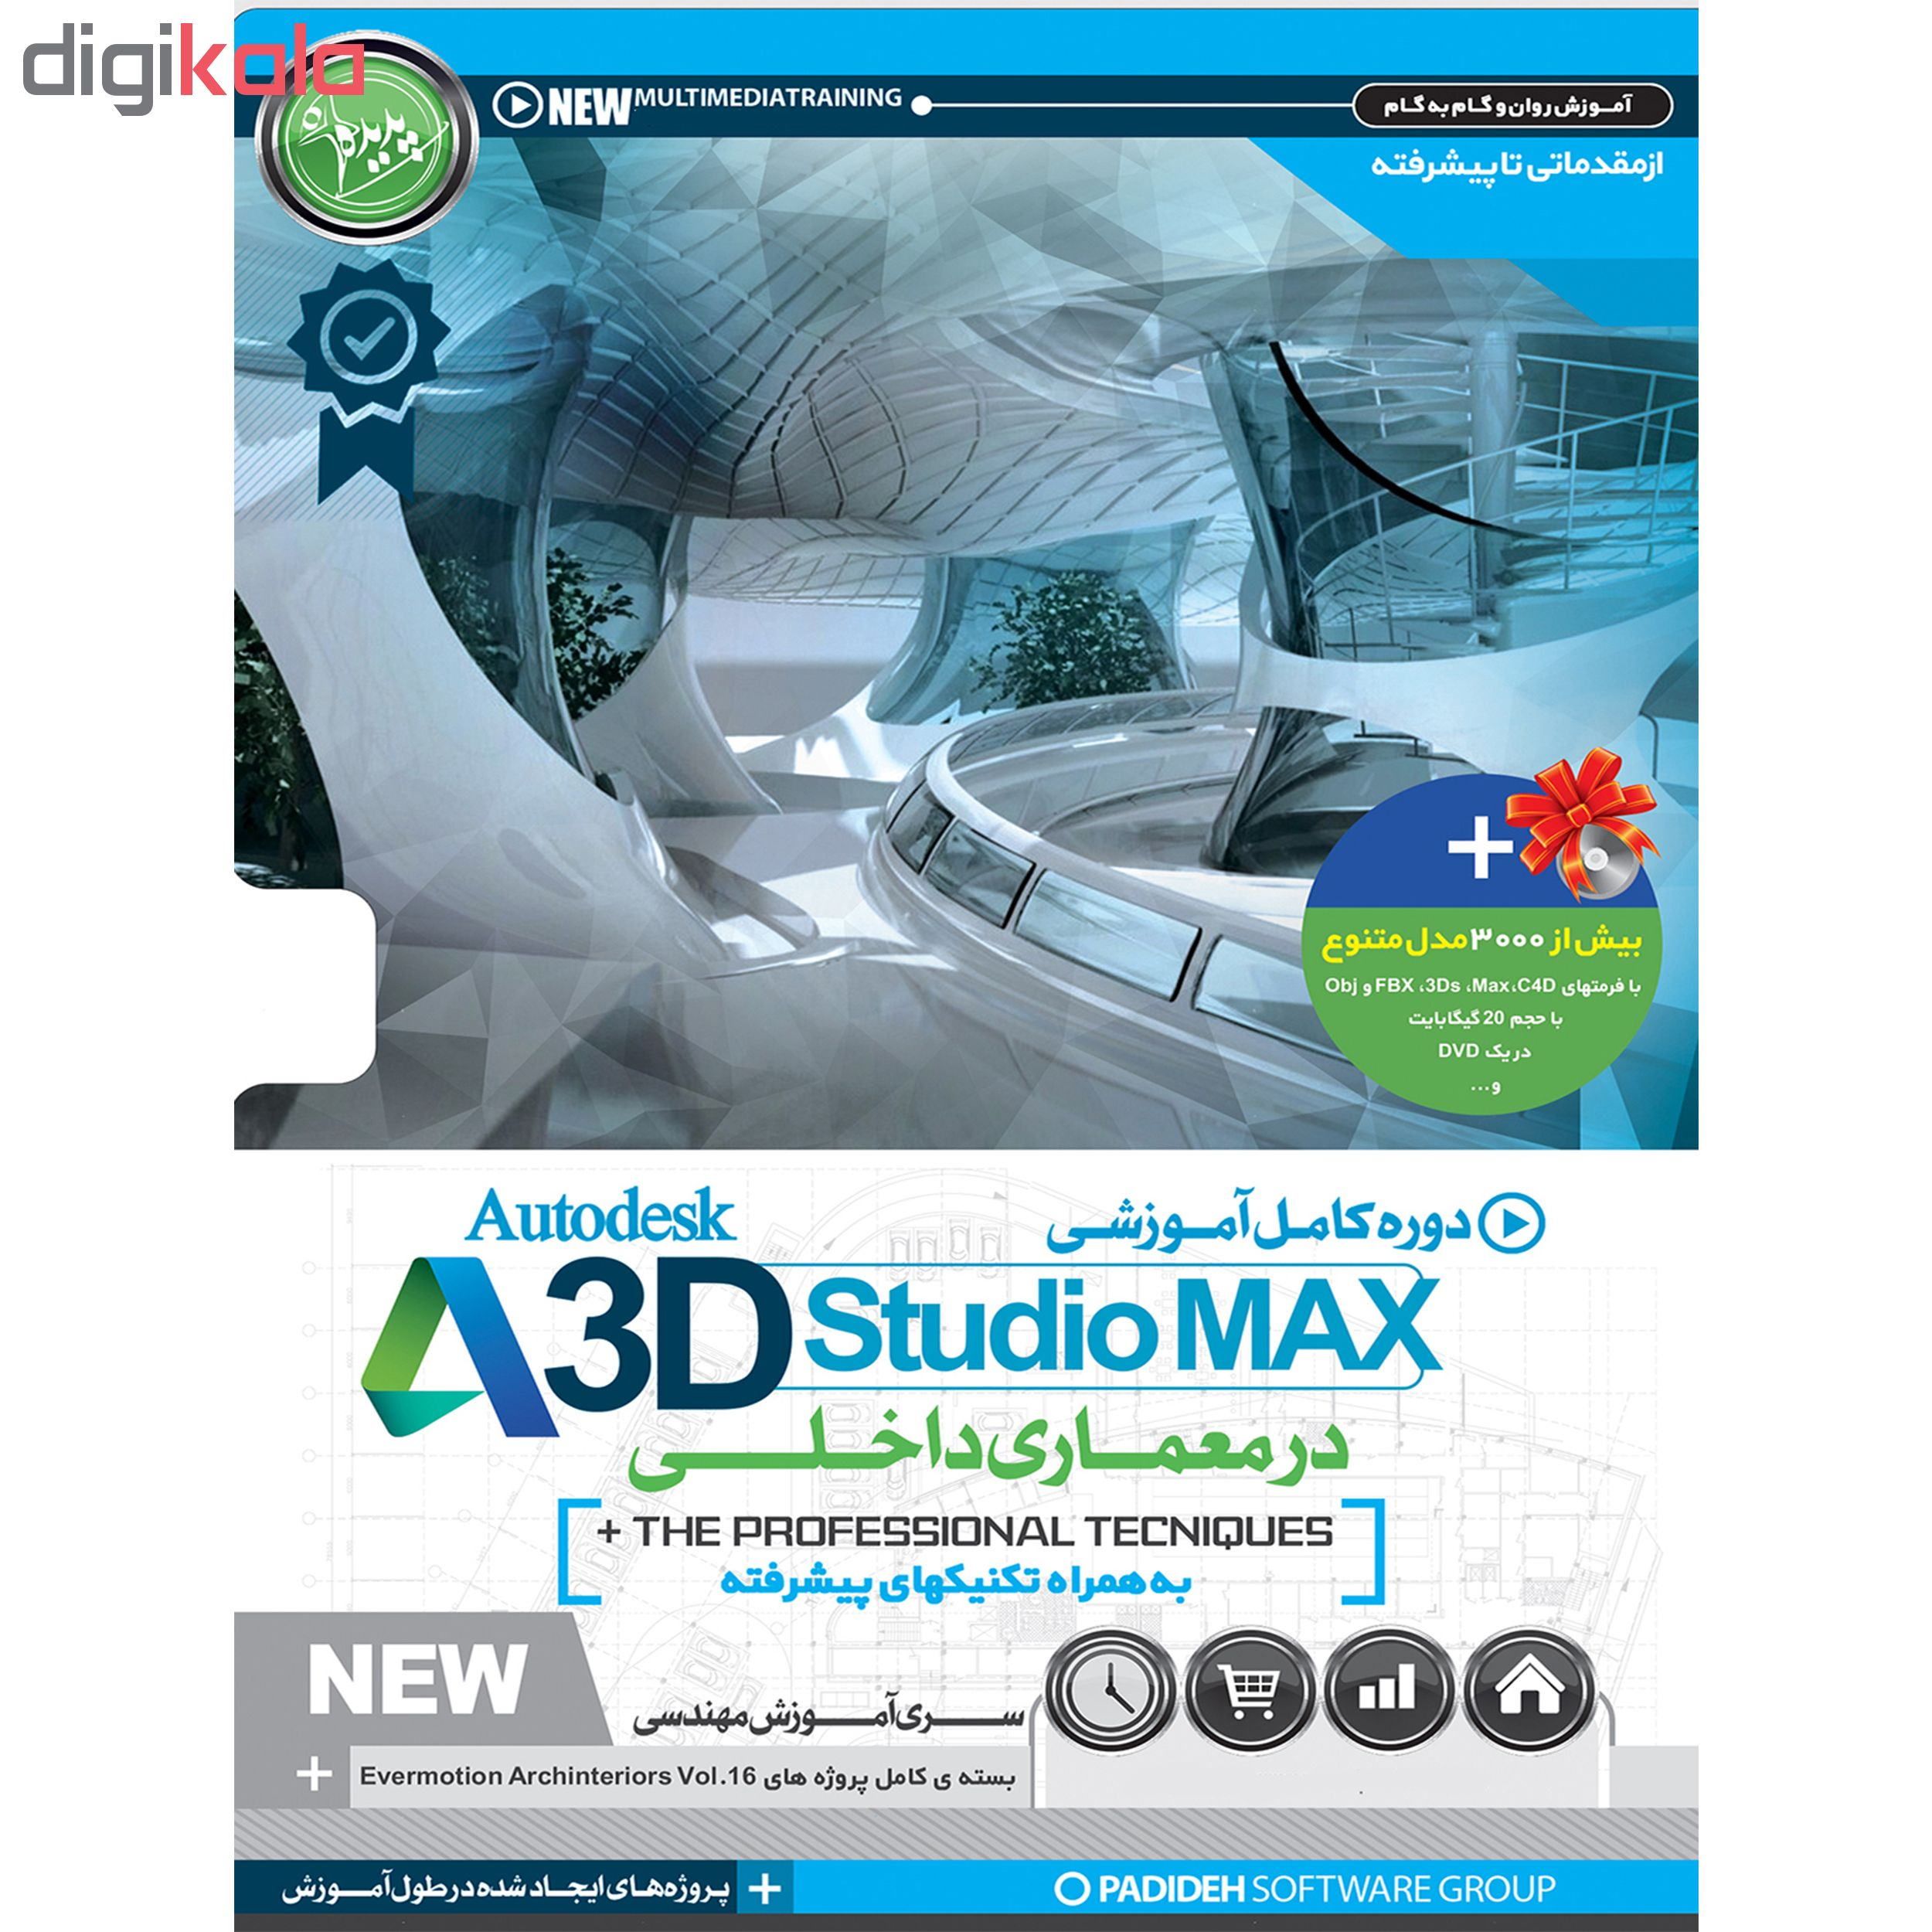 نرم افزار آموزش 2018 3D STUDIO MAX نشر پدیده به همراه نرم افزار آموزش 3D STUDIO MAX در معماری داخلی نشر پدیده